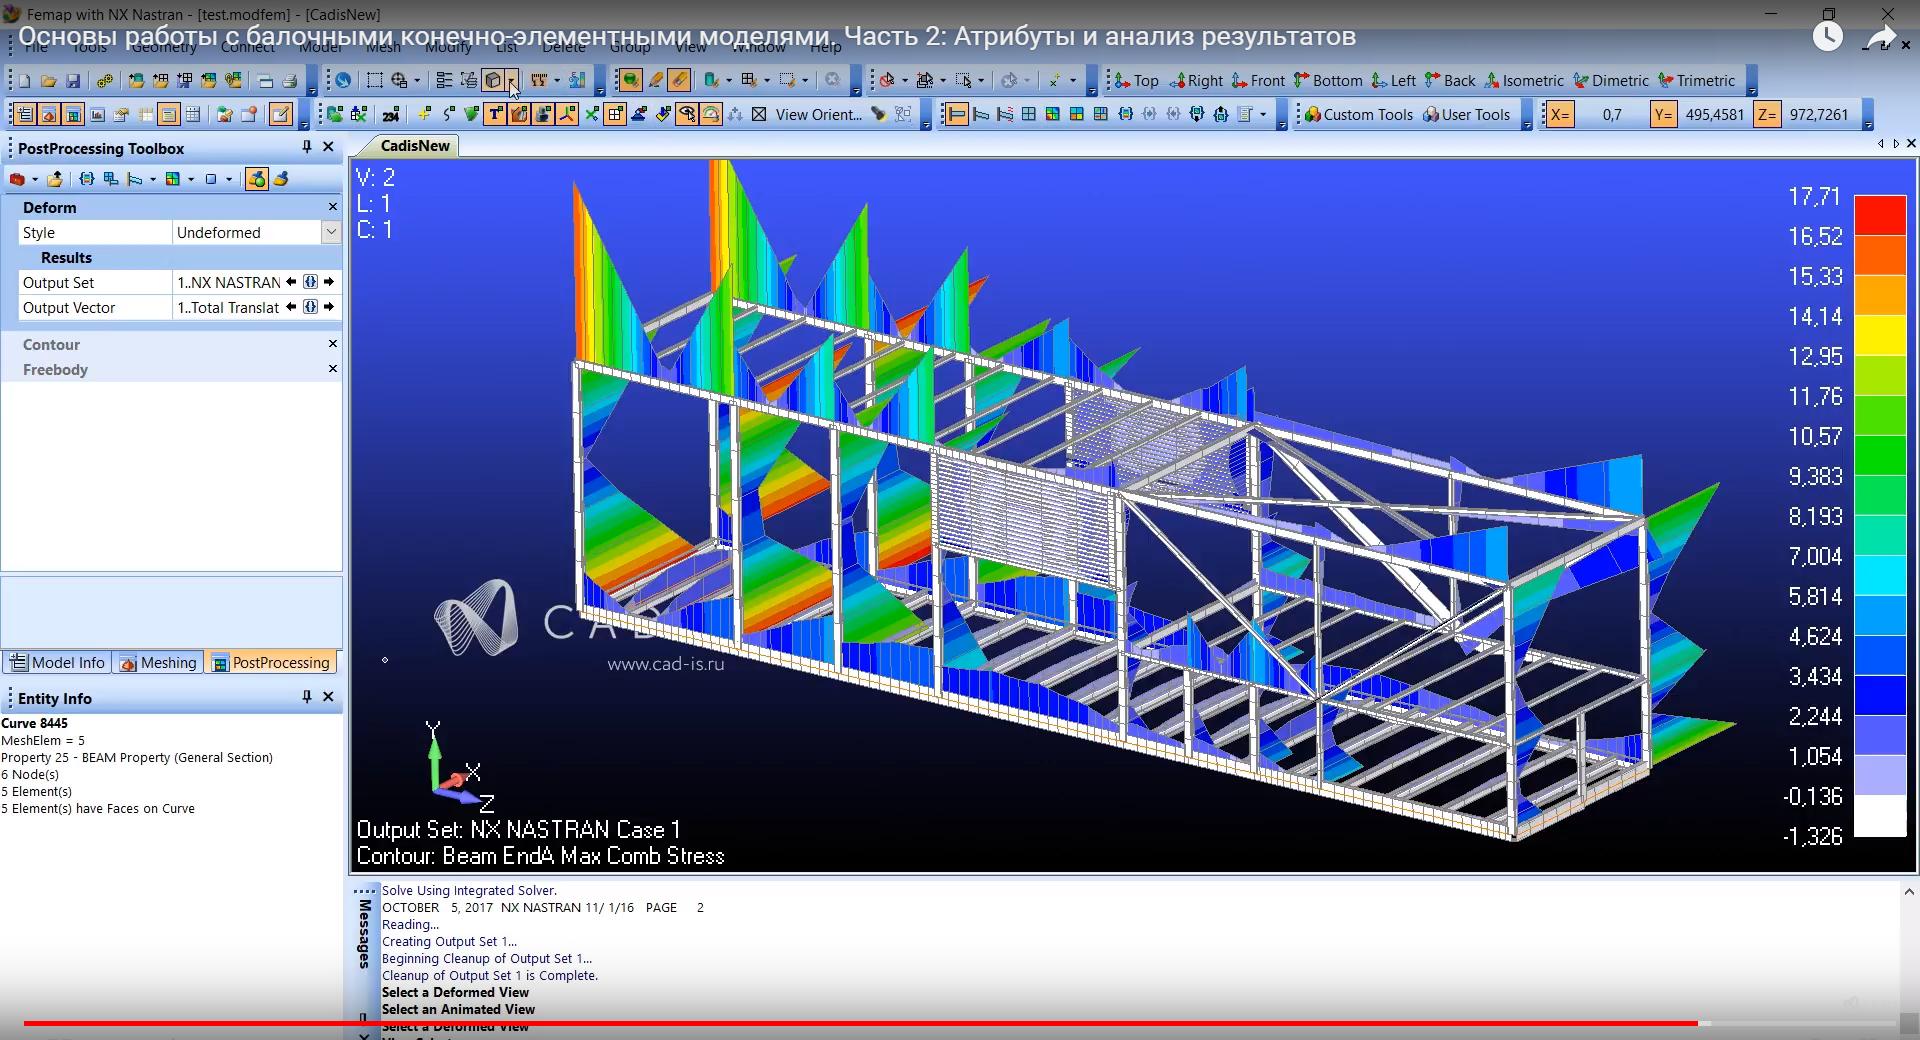 Основы работы в Siemens Femap 11.4. Часть 2: Построение балочной модели фермы и анализ результатов